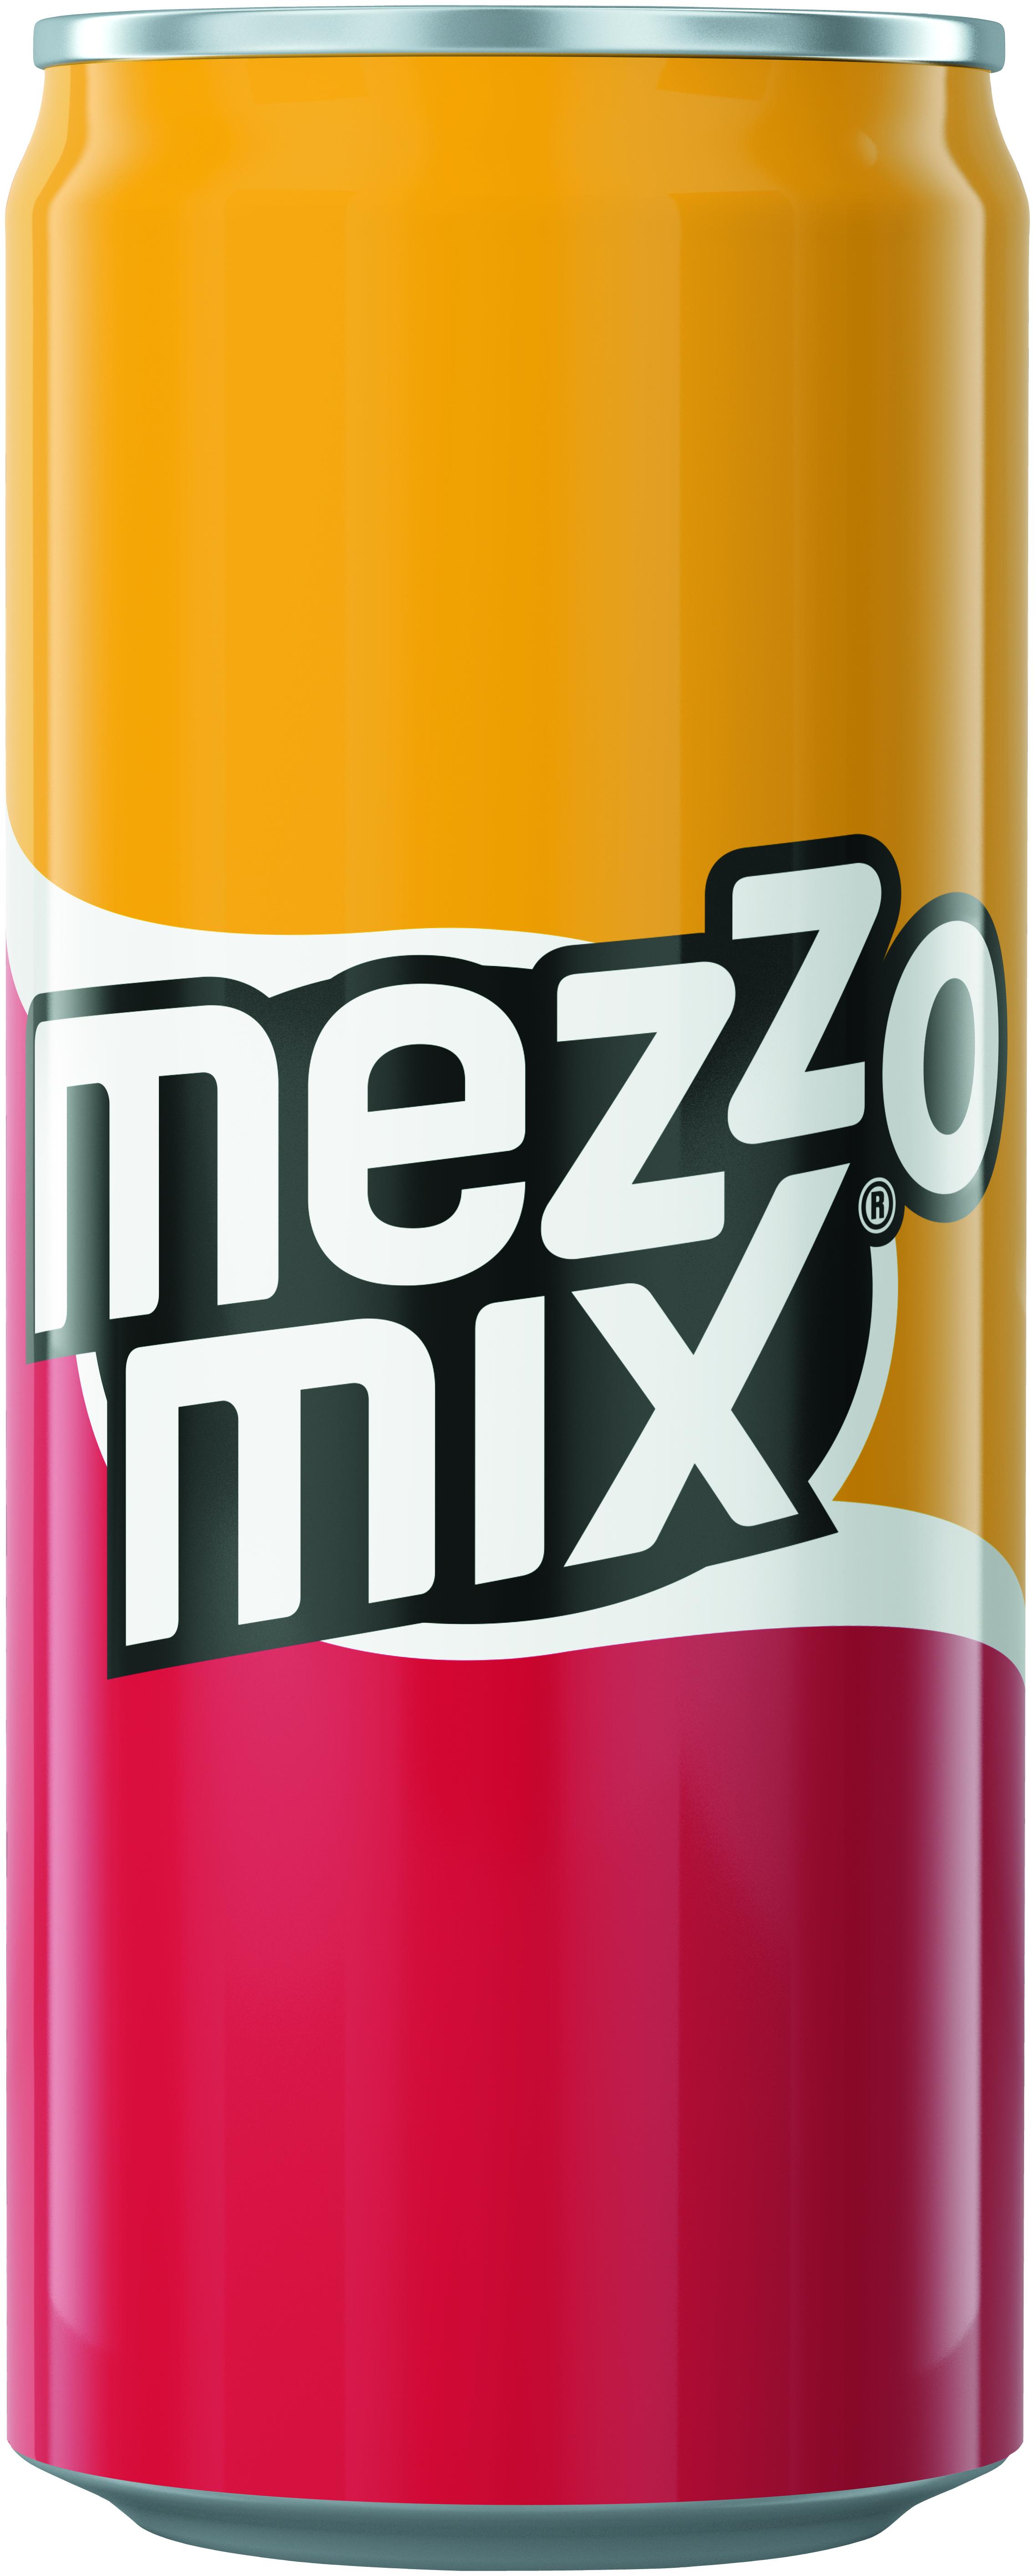 mezzo mix Getränke für Automaten von Flavura: Automatenfüllprodukte: mezzo mix Getränke & Füllprodukte für Getränkeautomaten, Verpflegungsautomaten, Vendingautomaten, Snackautomaten, Verkaufsautomaten, Warenautomaten